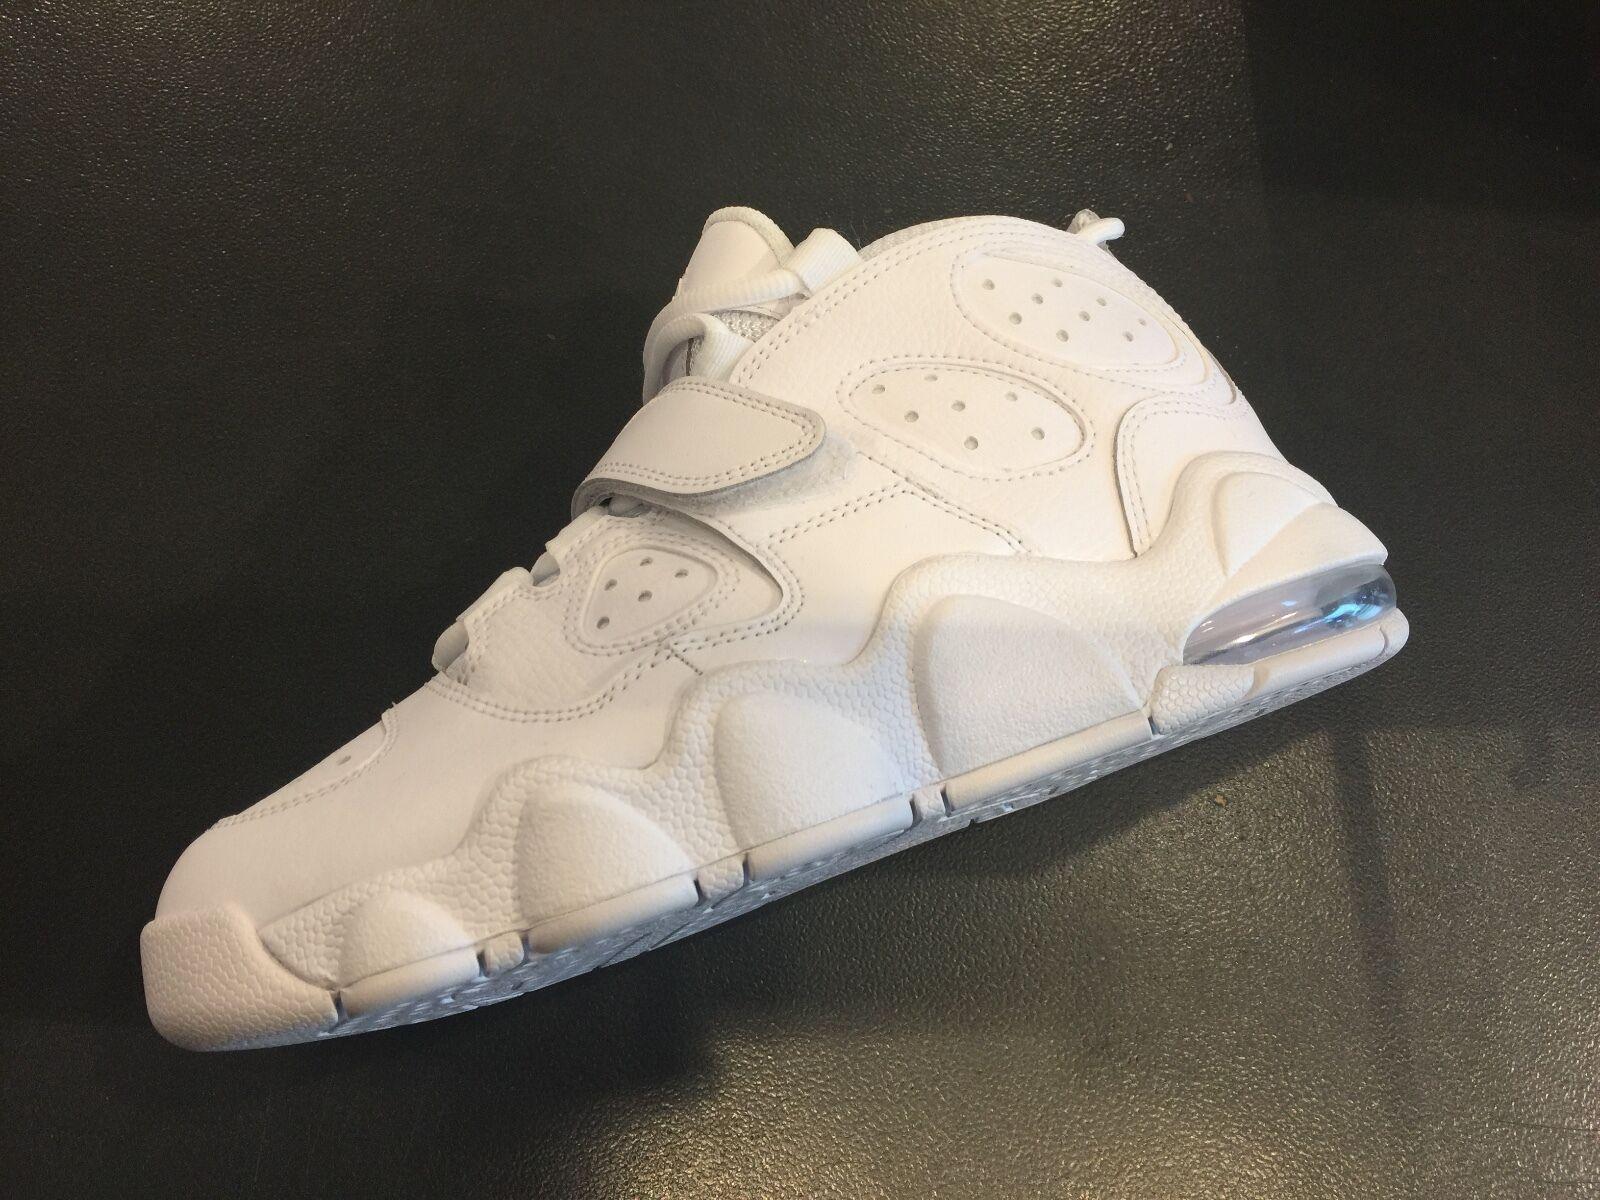 Nike air max cb34 godzilla bianco foamposite bc ritmo penny pippen penny ritmo 1 2 4 020363